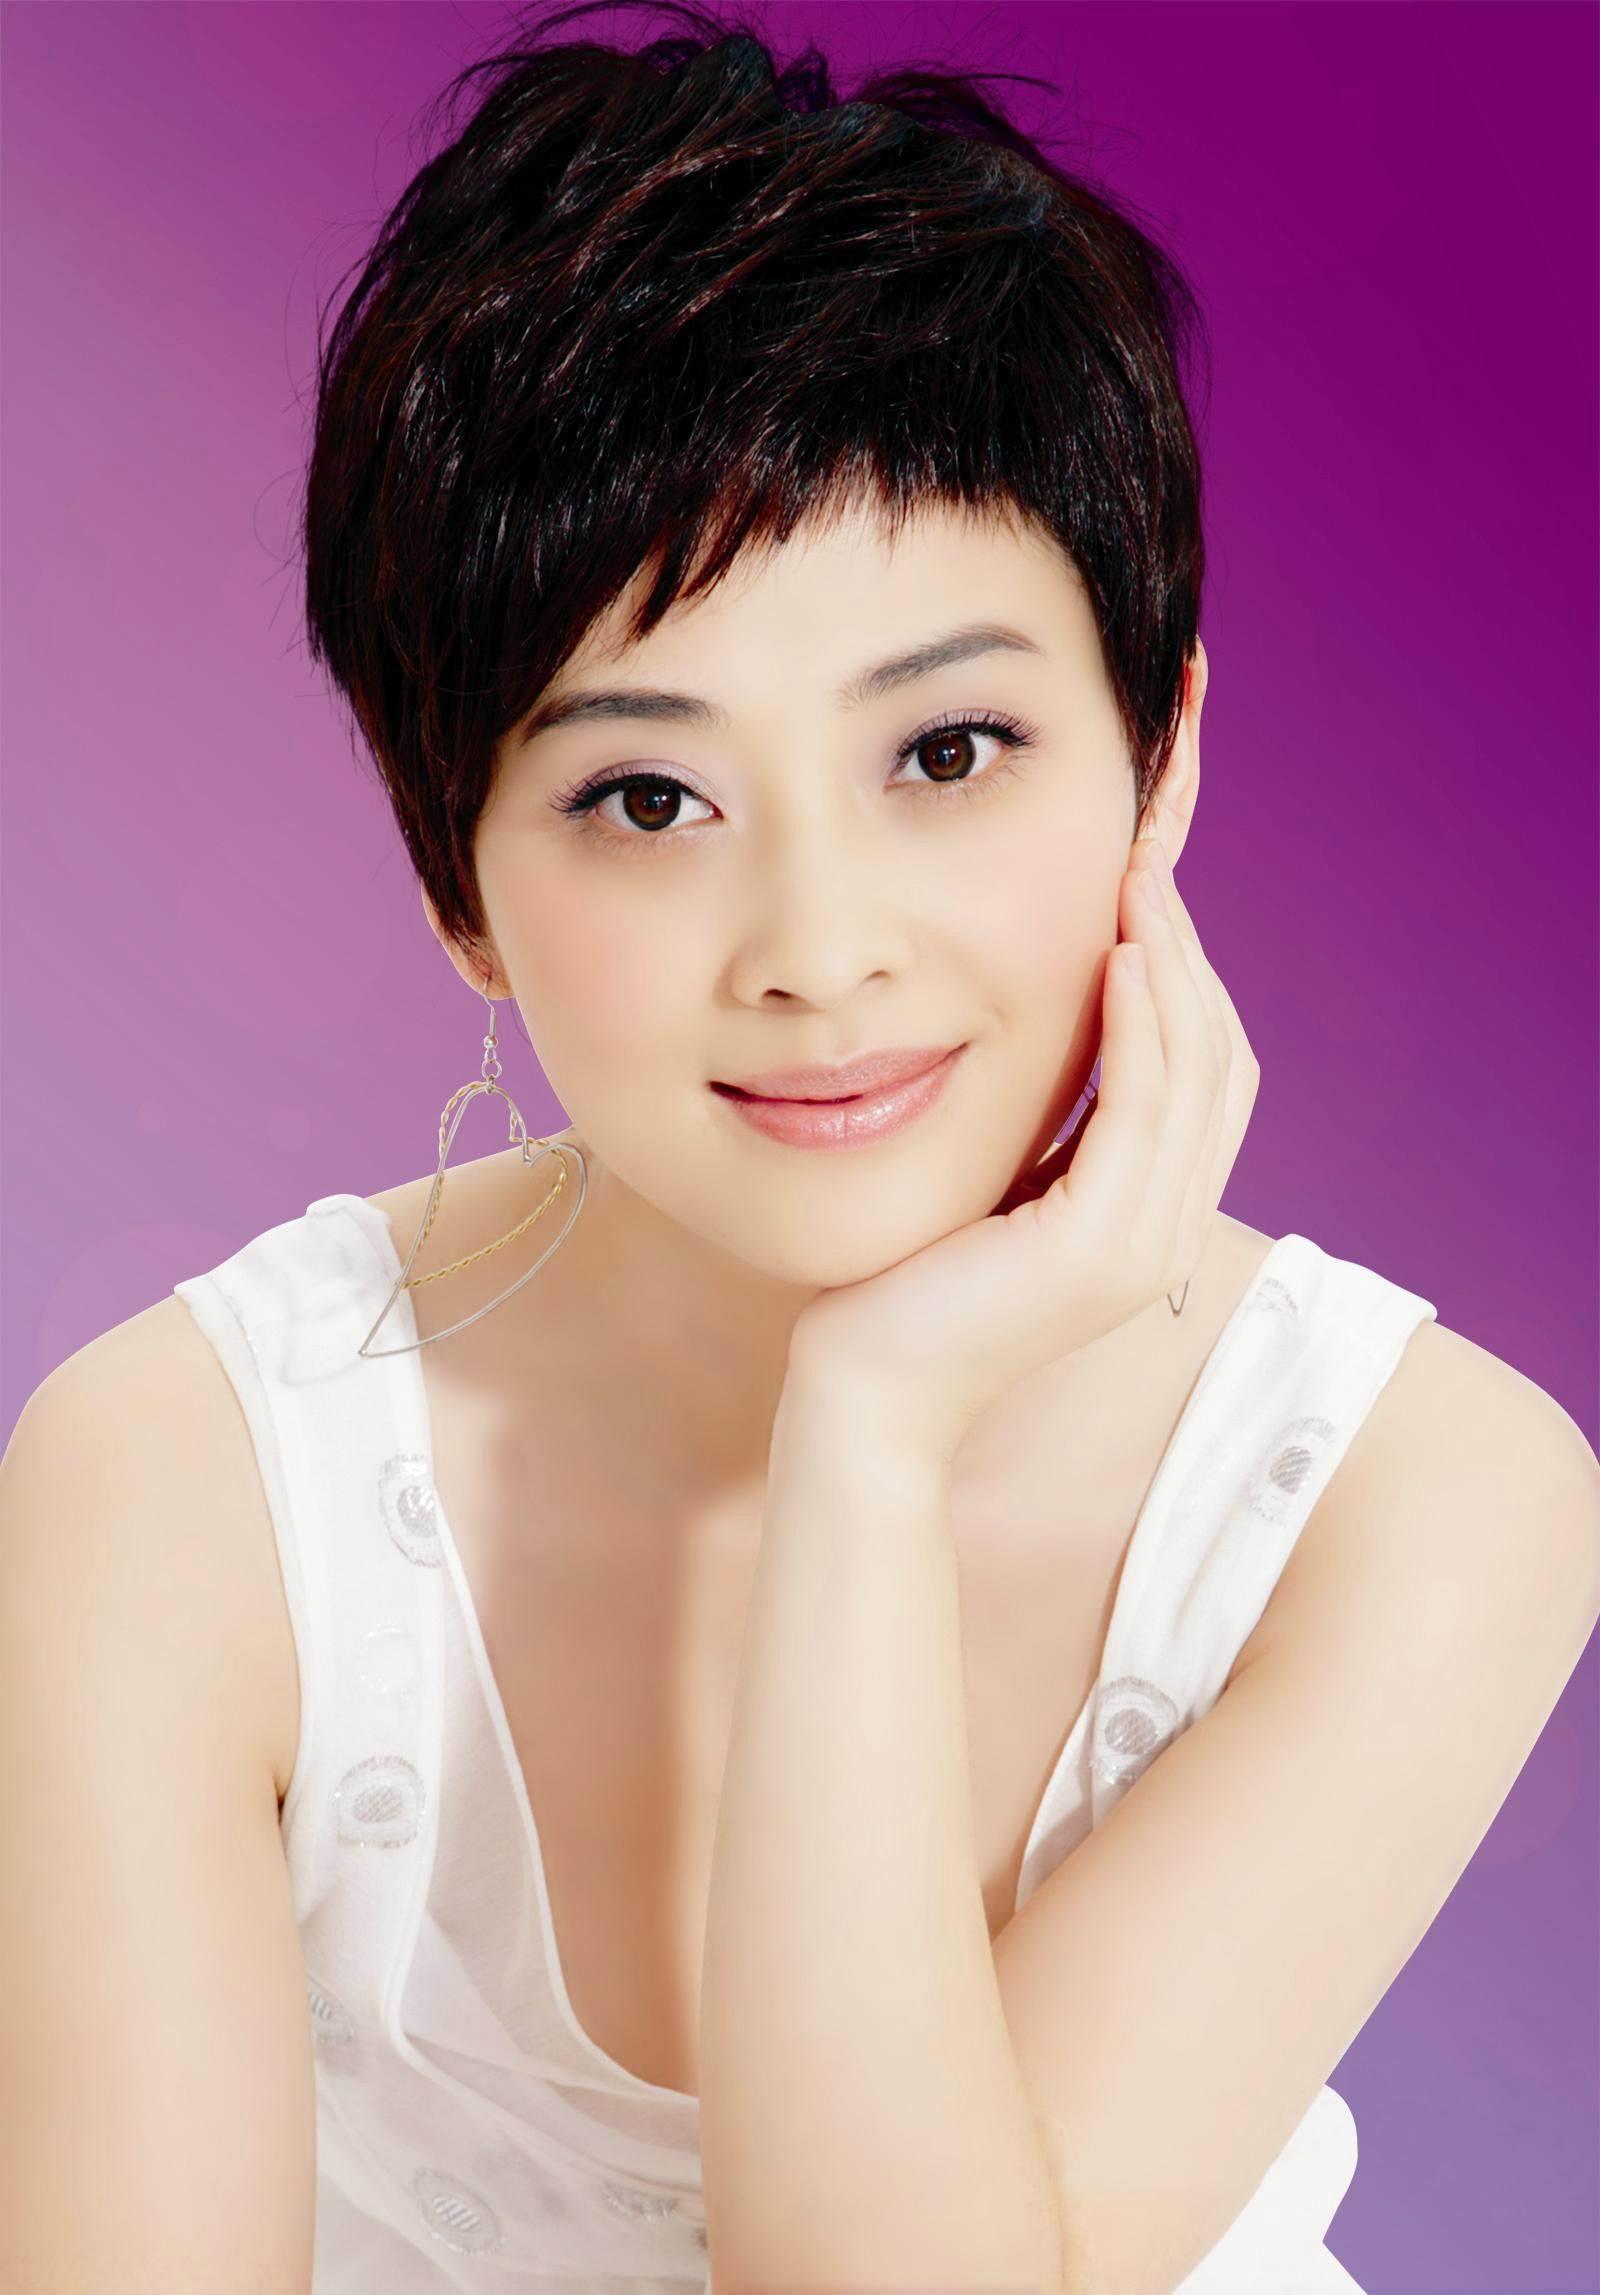 韩国明星中短发发型_女明星时尚短发舞会发型 明星中短发发型图片